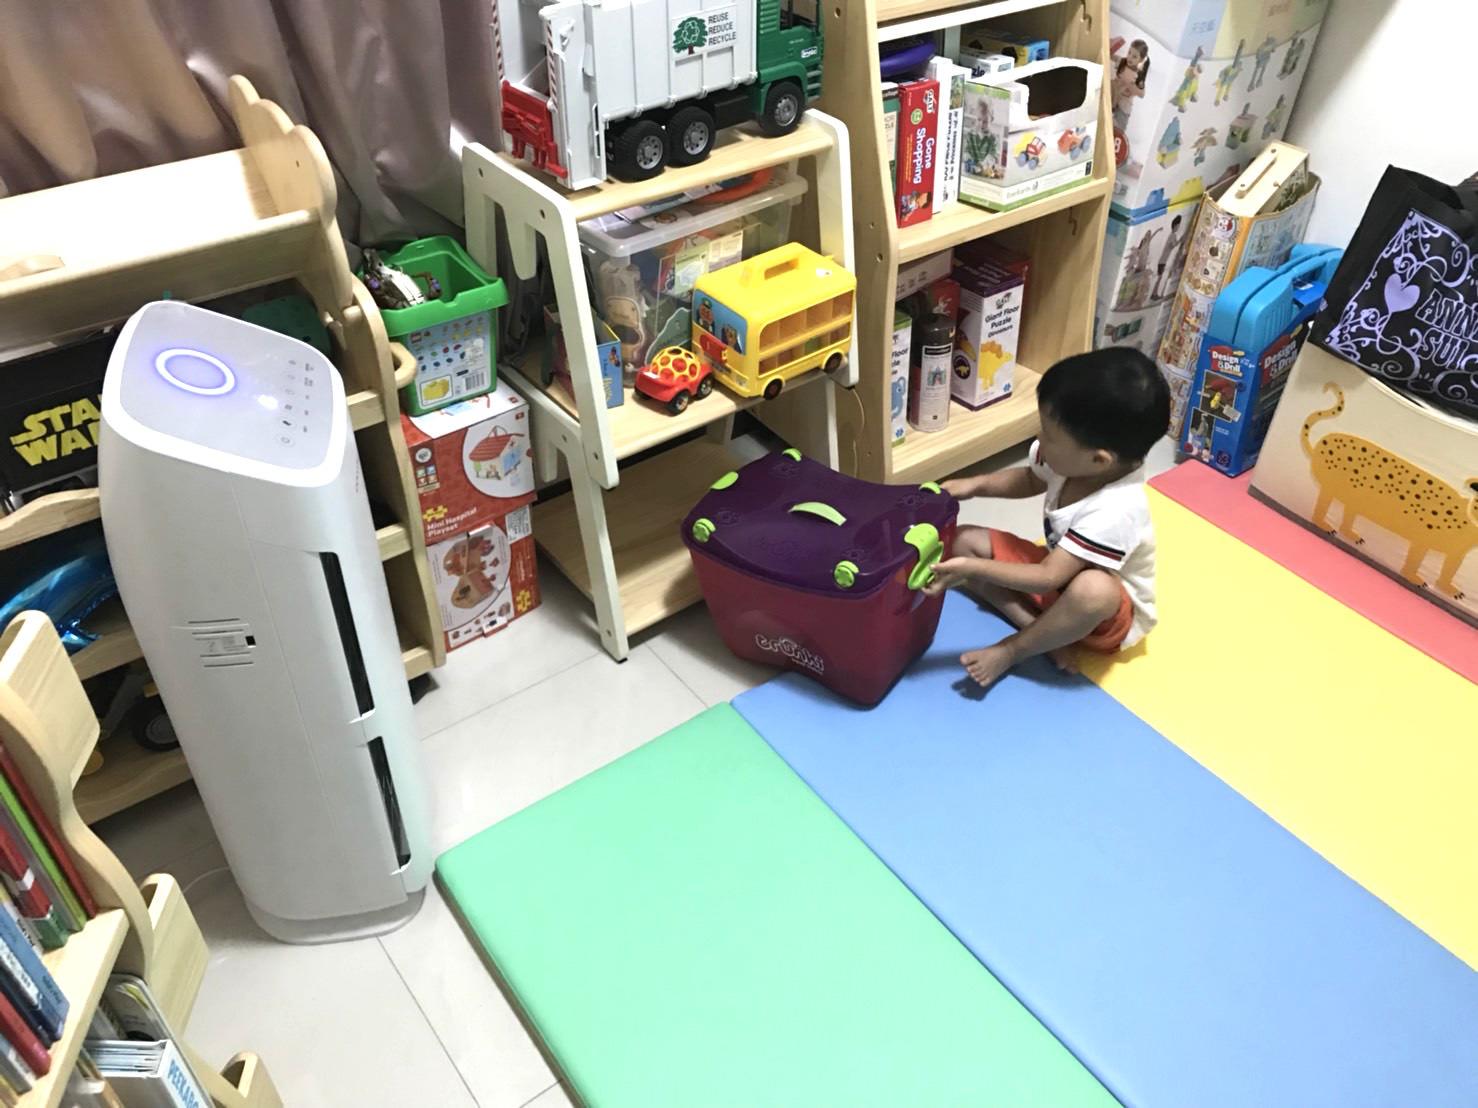 『育兒必備』家有過敏兒必備,來自韓國的空氣清淨機-coway